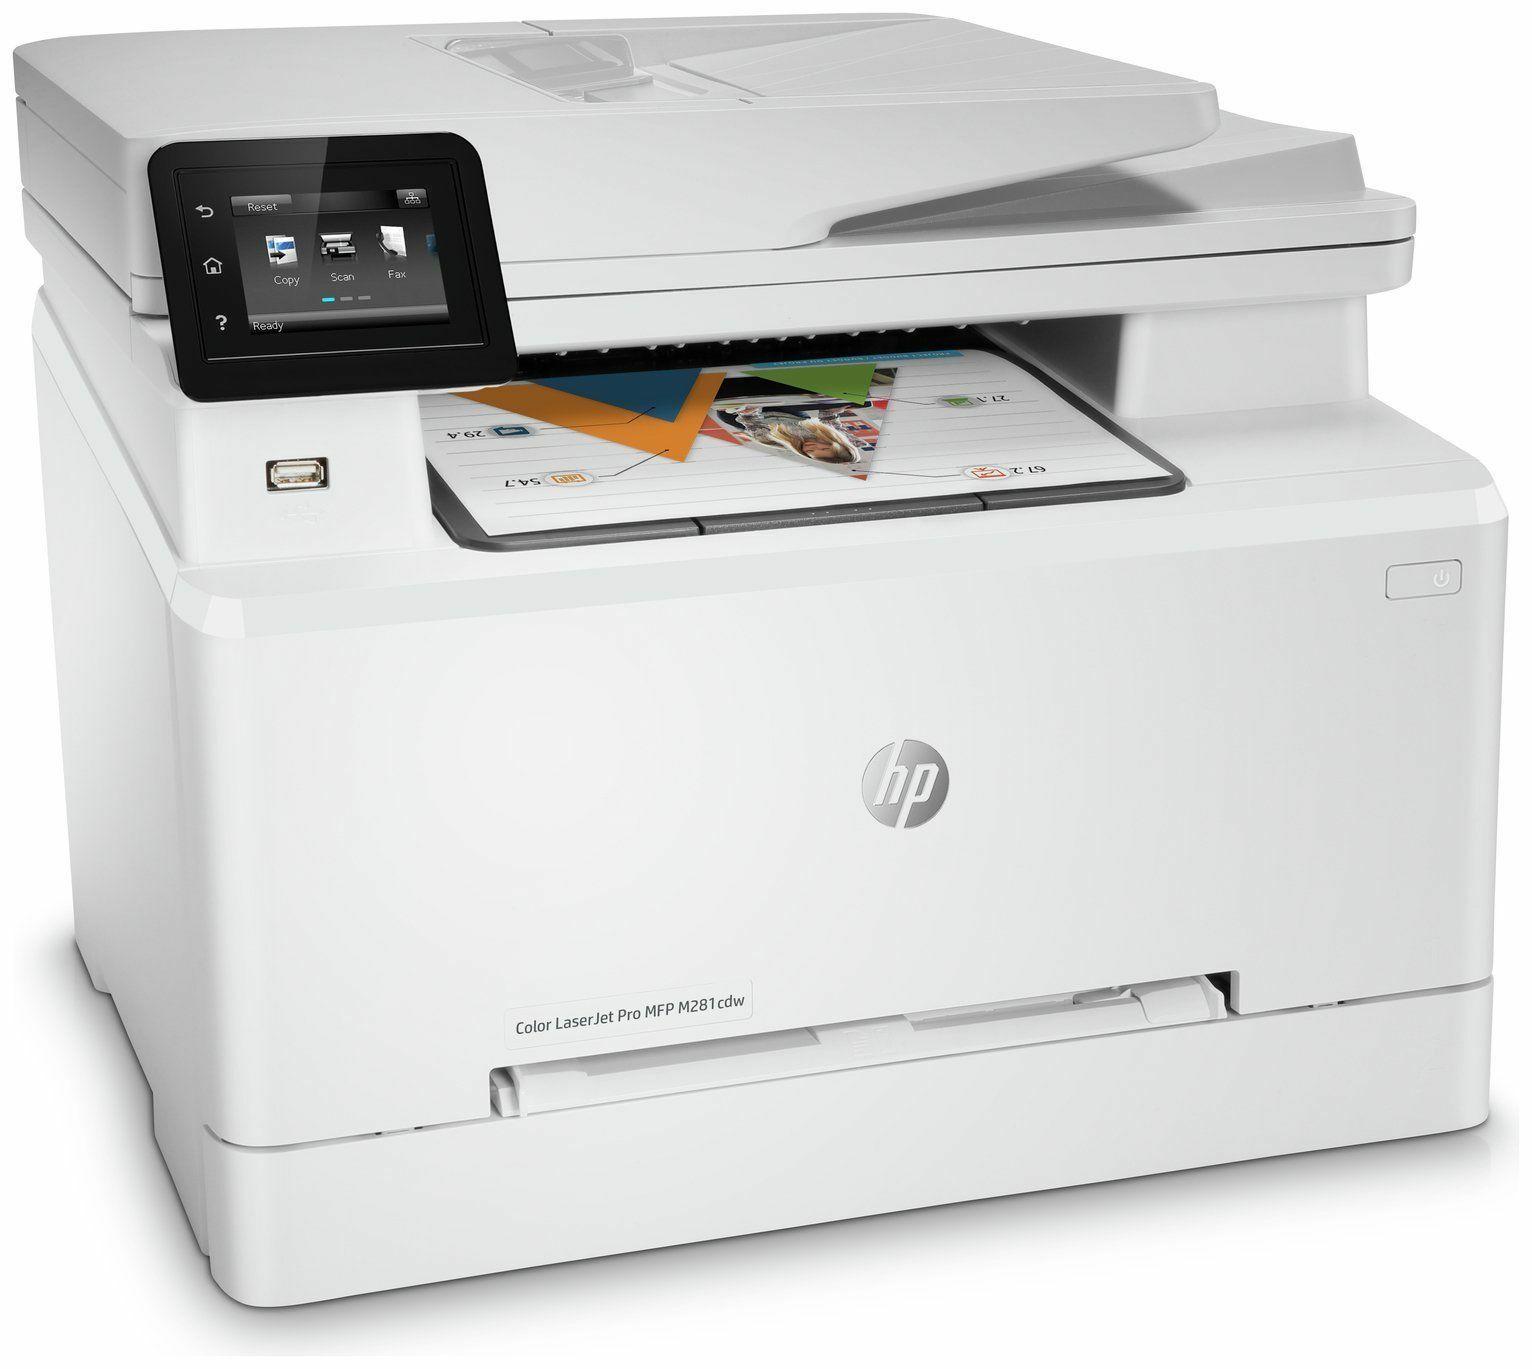 hp laserjet pro mfp m281cdw manual